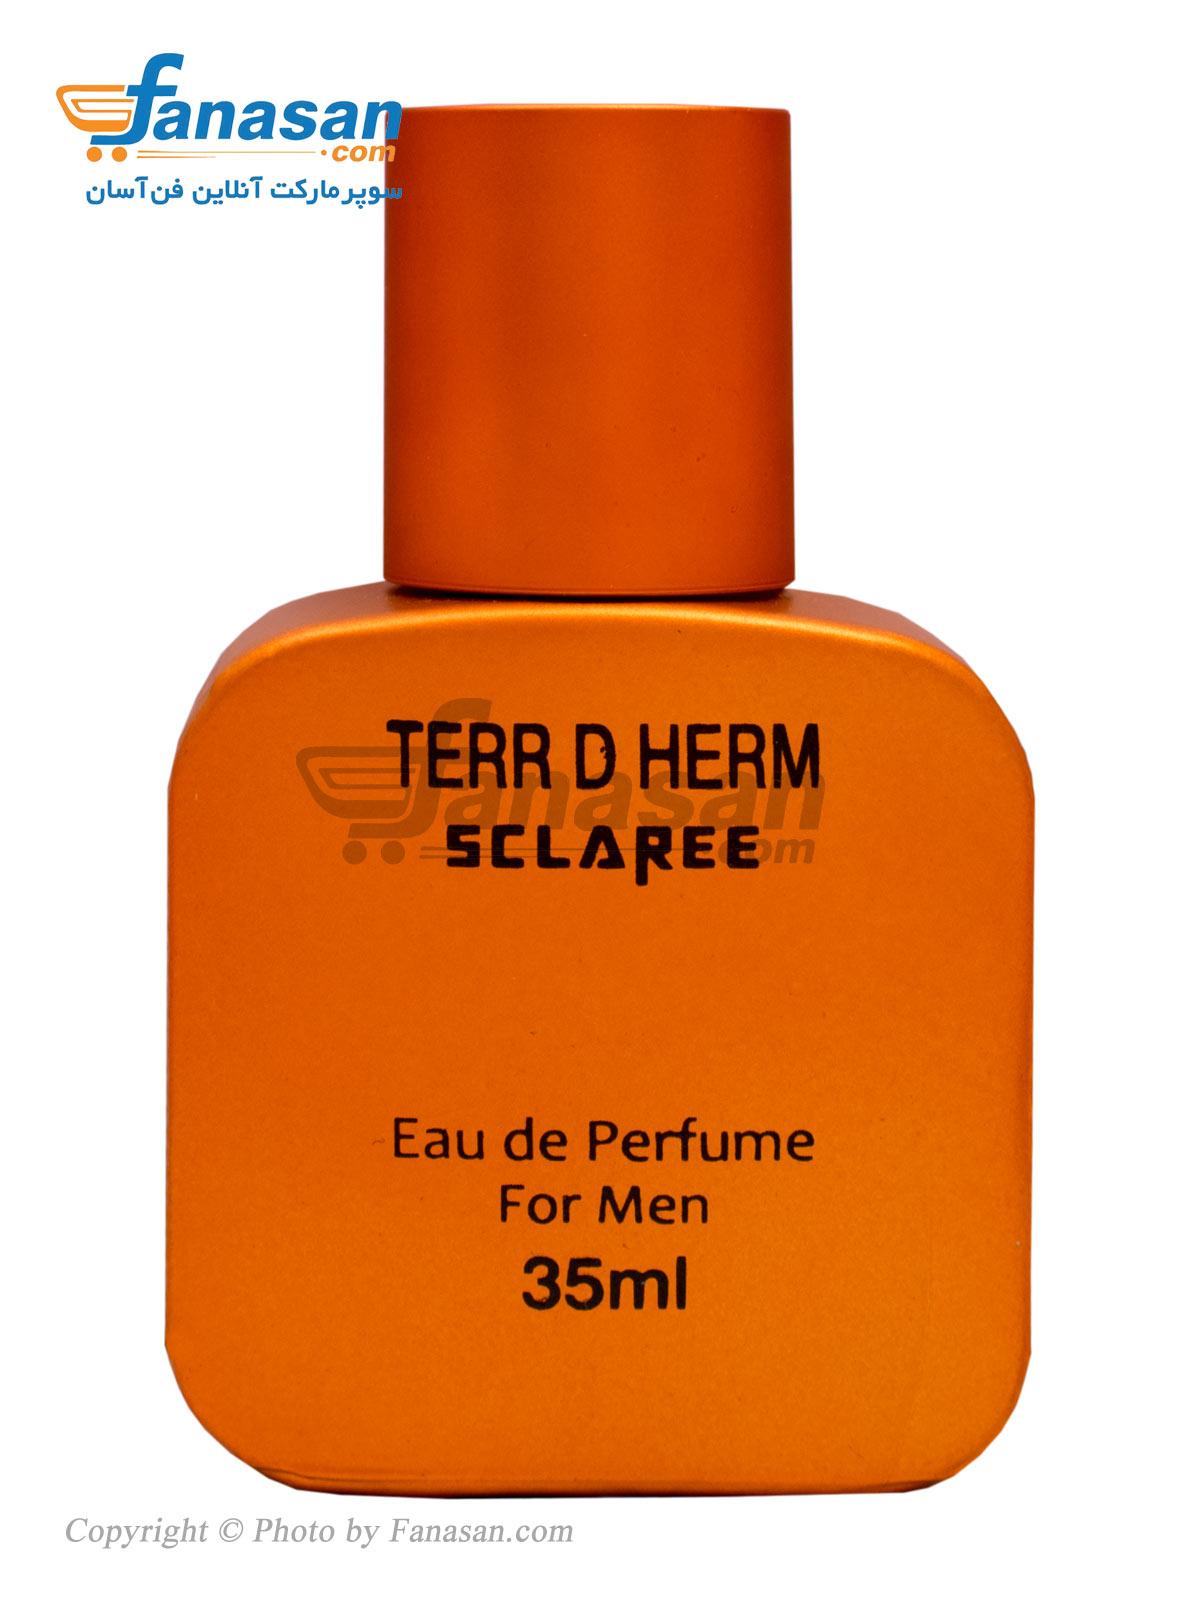 ادو پرفیوم اسکلاره با رایحه Terr D Herm مناسب برای آقایان 35 میلی لیتر